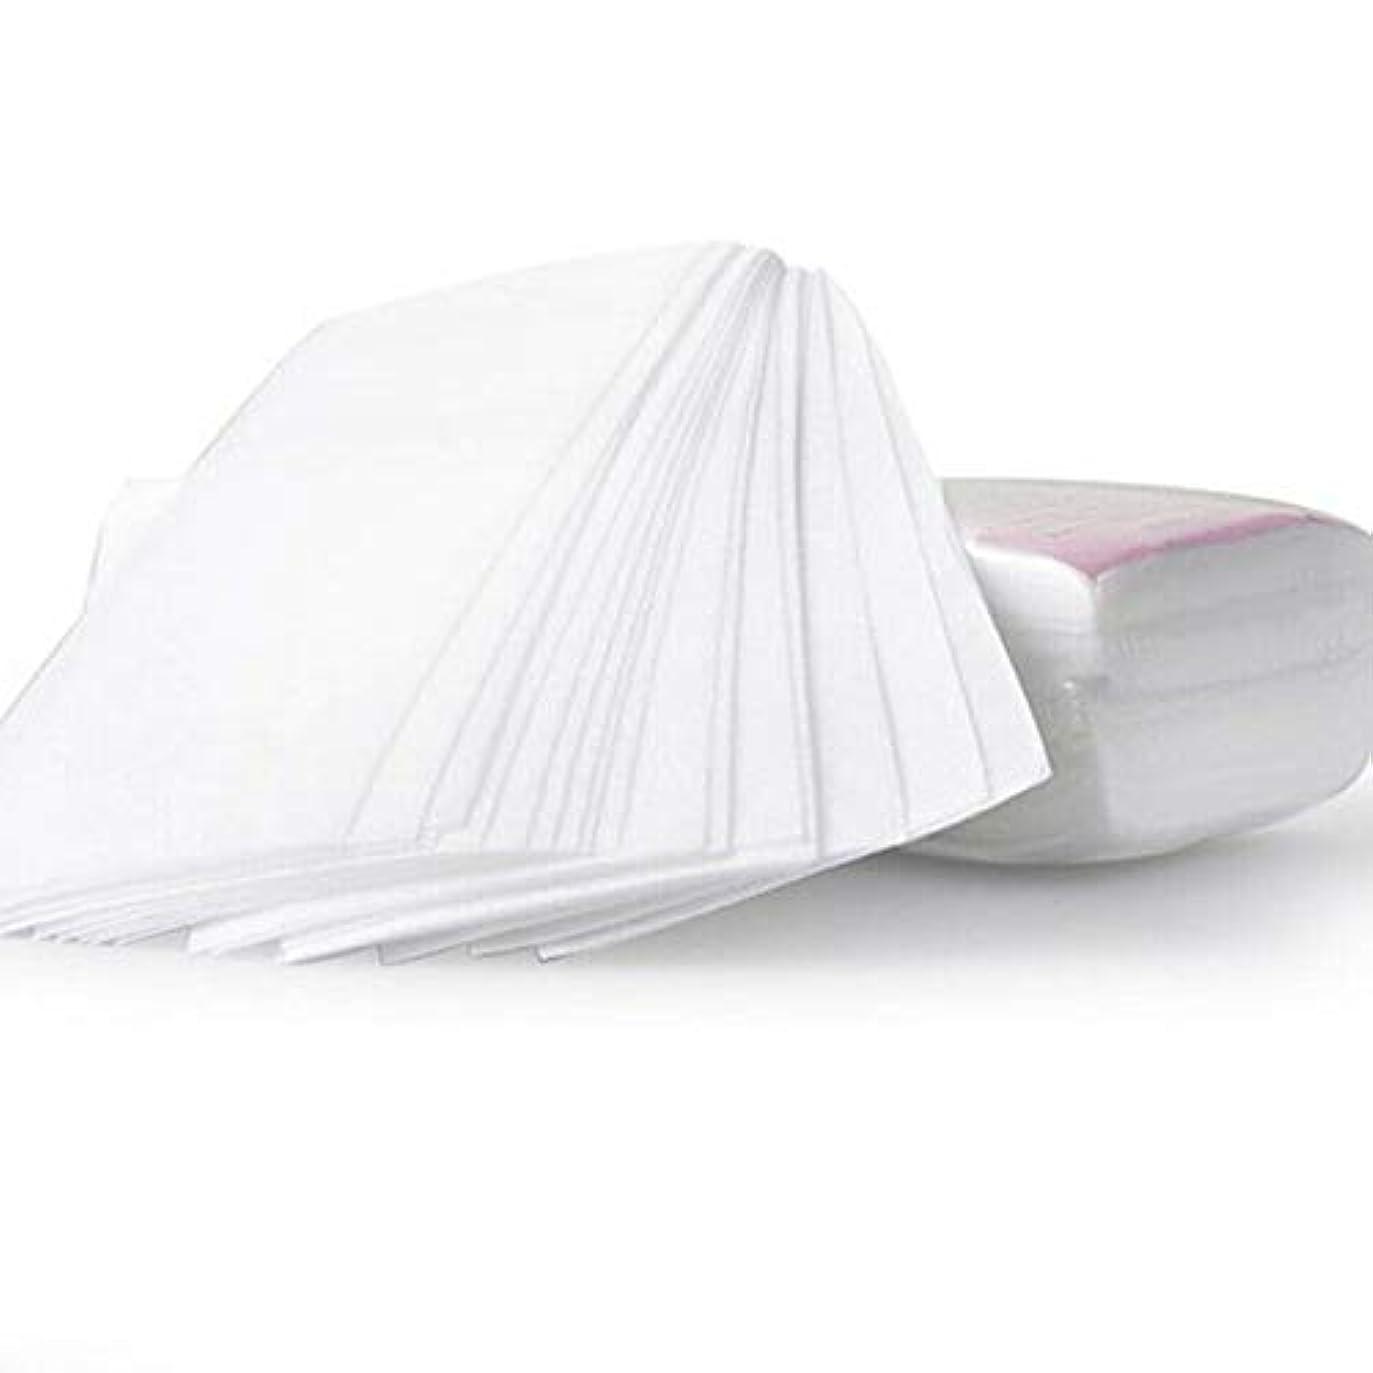 重要性批判的ハイランドLULAA ワックス脱毛紙 脱毛シート 衛生 使い捨て 迅速かつ簡単 痛い感じがなく 100枚